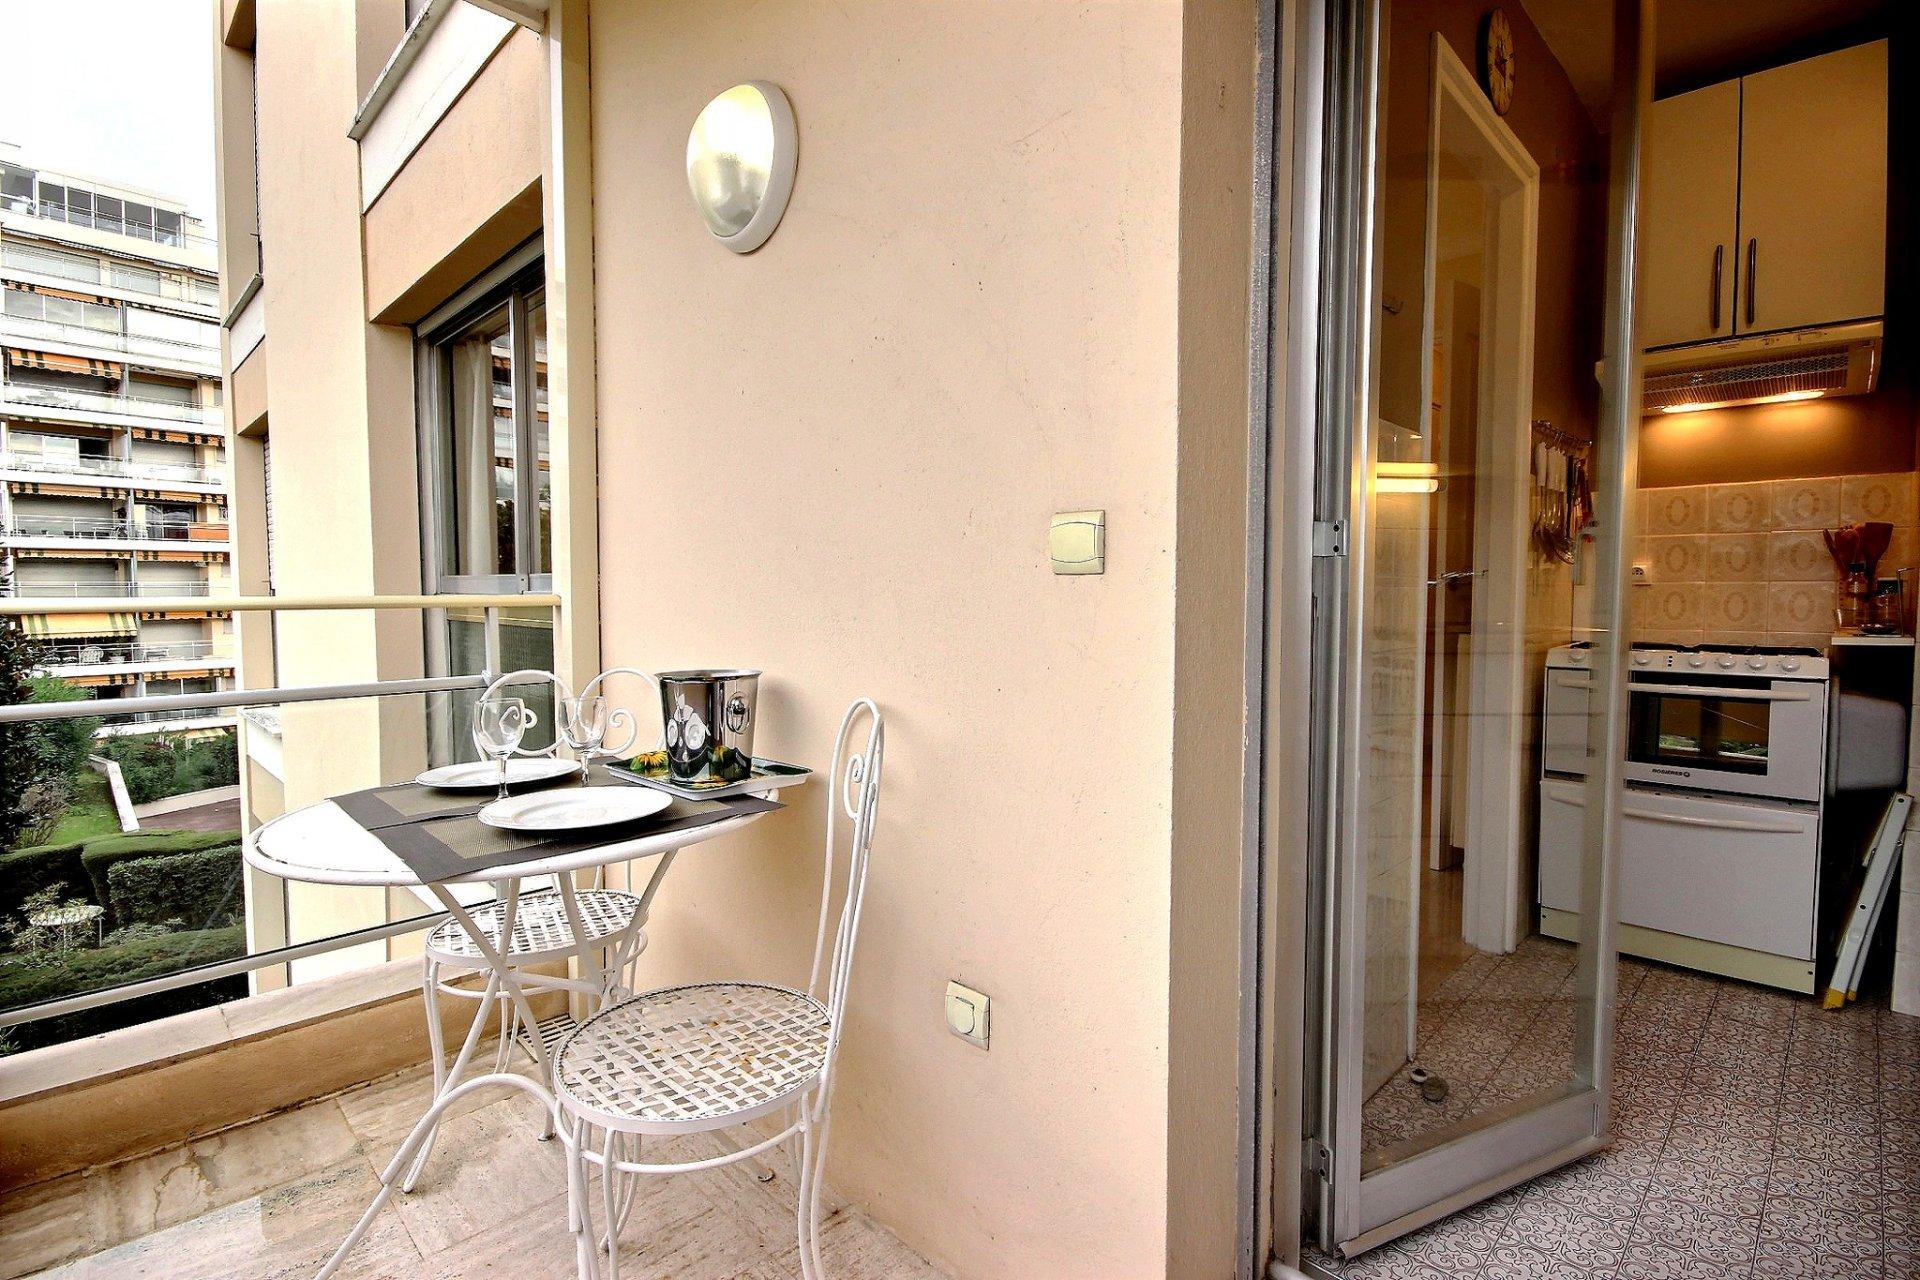 Lägenhet till salu i Cannes Basse Californie med terrass